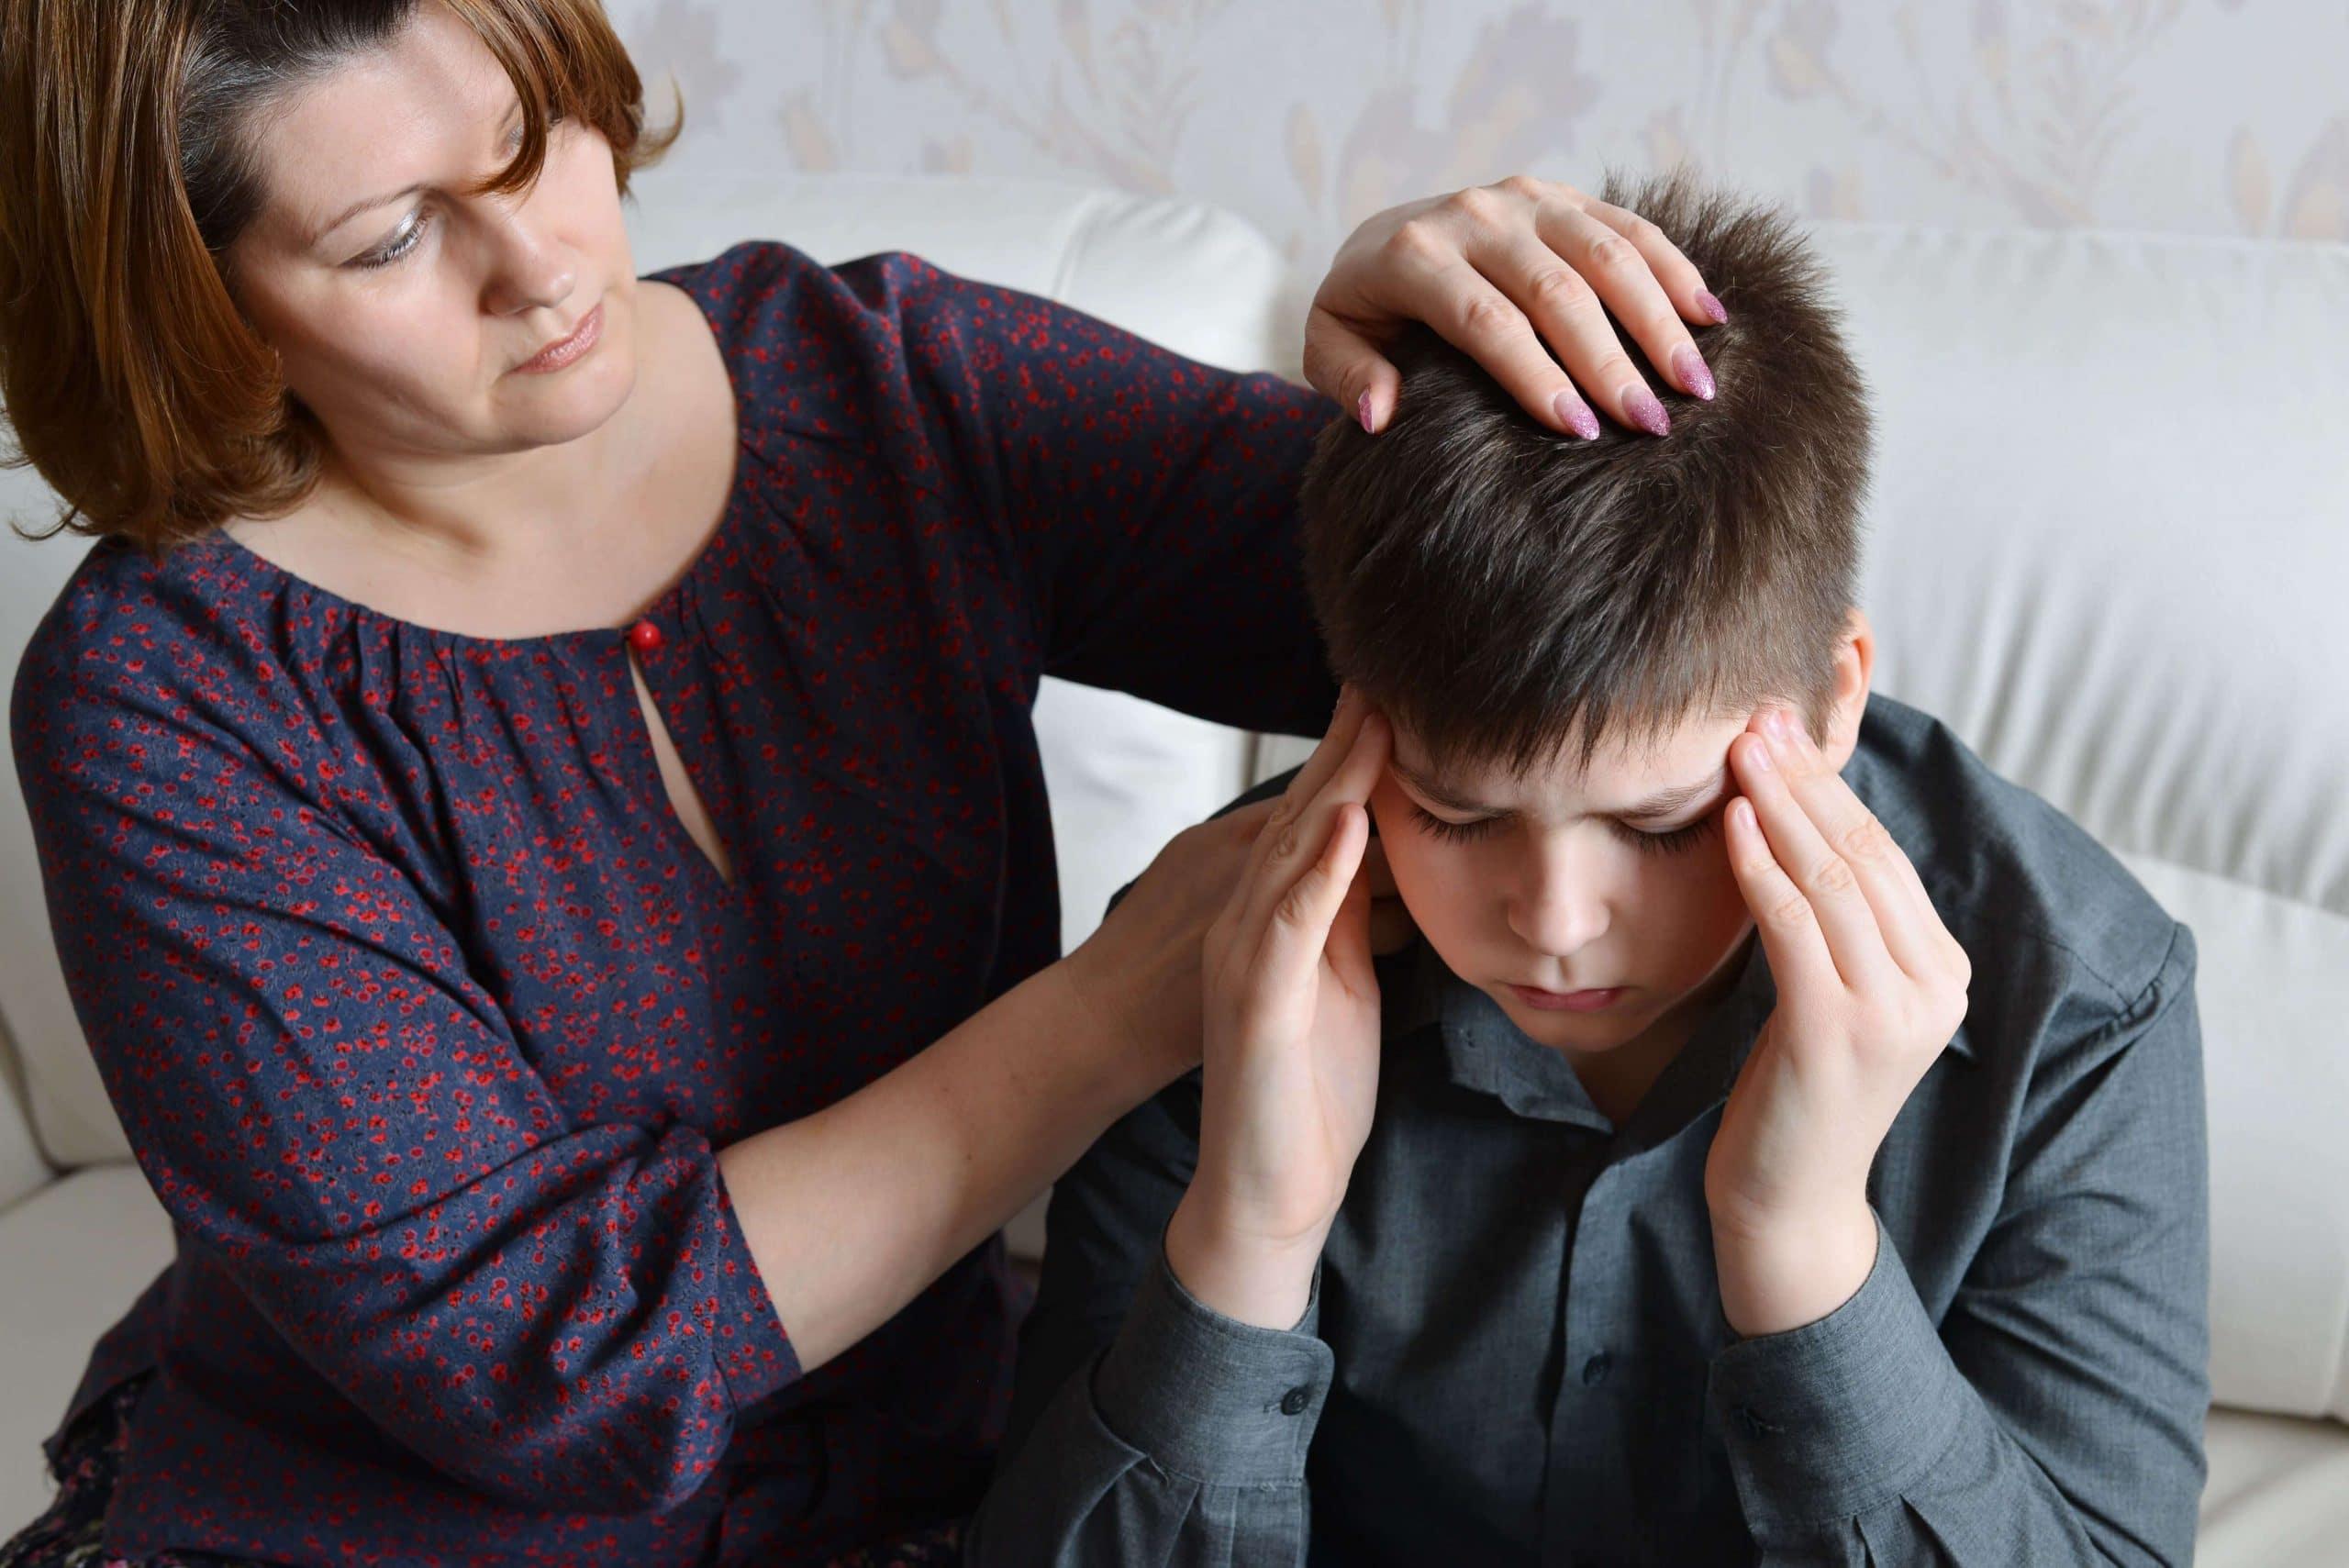 мальчик жалуется на головную боль , рядом мама